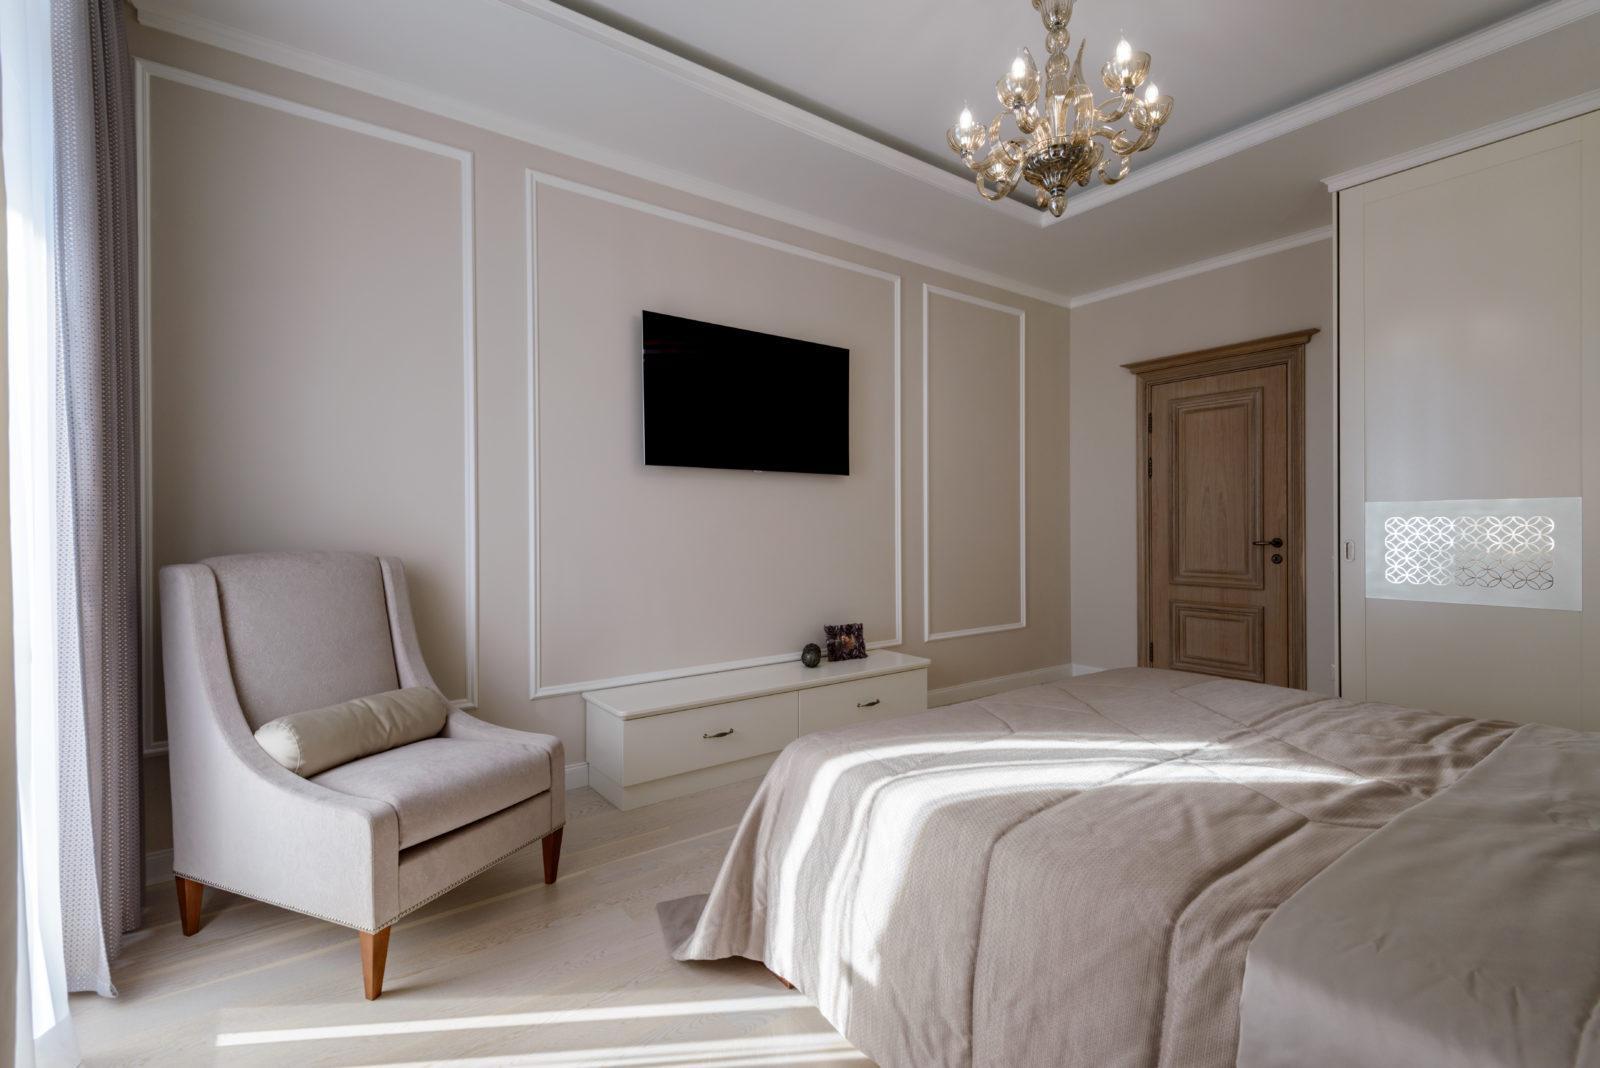 Дизайн интерьера спальни ЖК Бавария